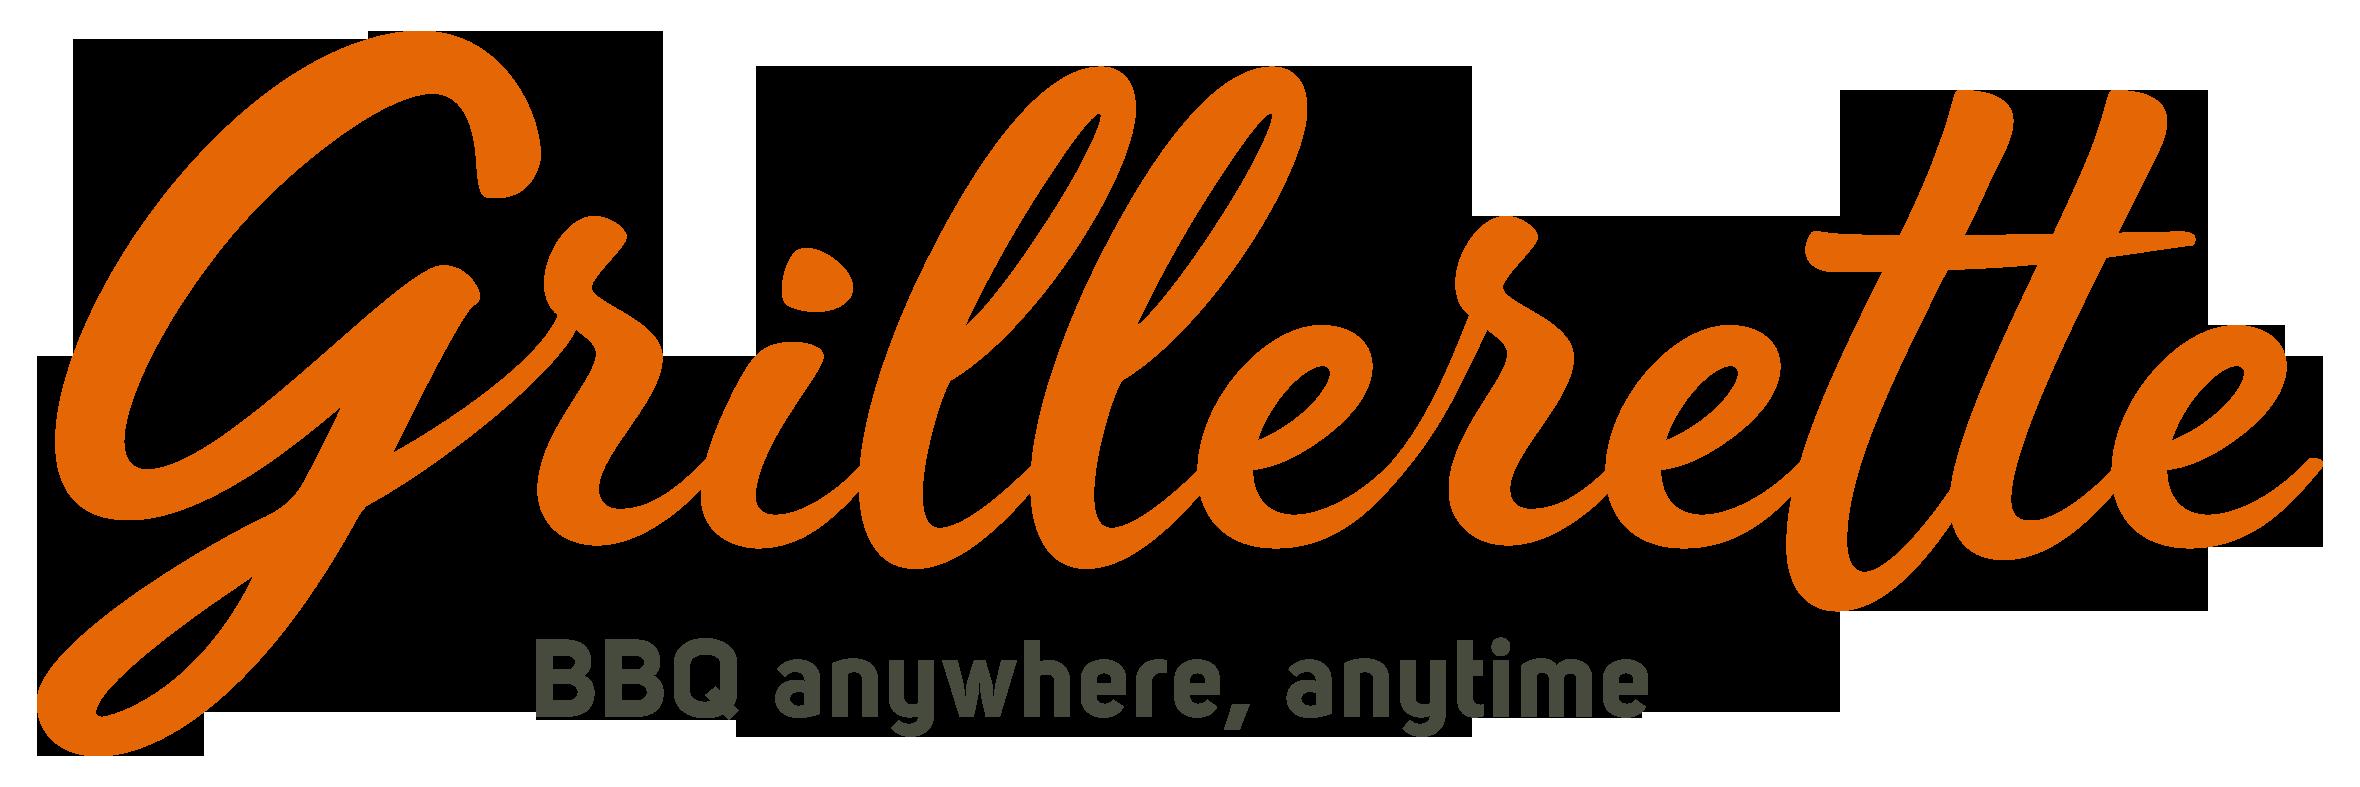 Grillerette-2